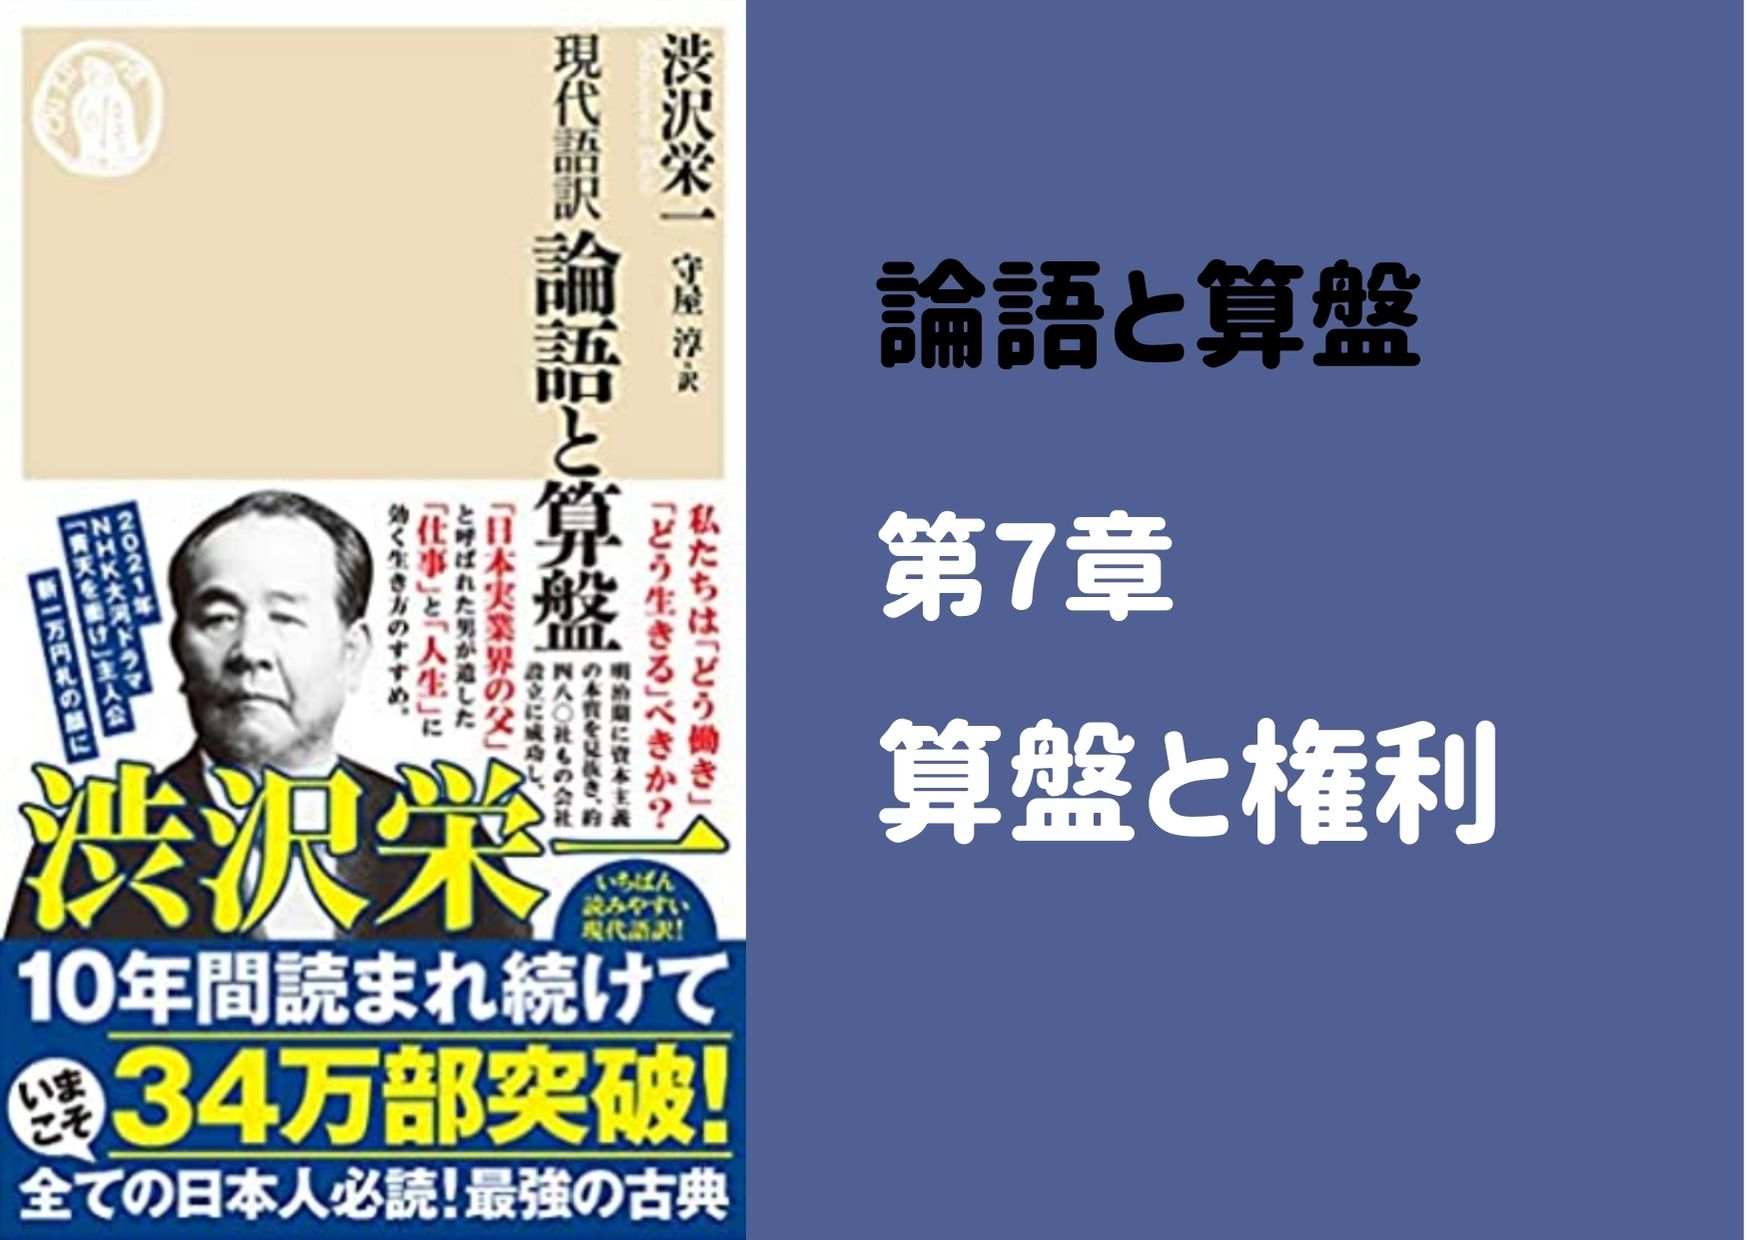 渋沢栄一『現代語訳:論語と算盤』第7章「算盤と権利」の要約まとめ